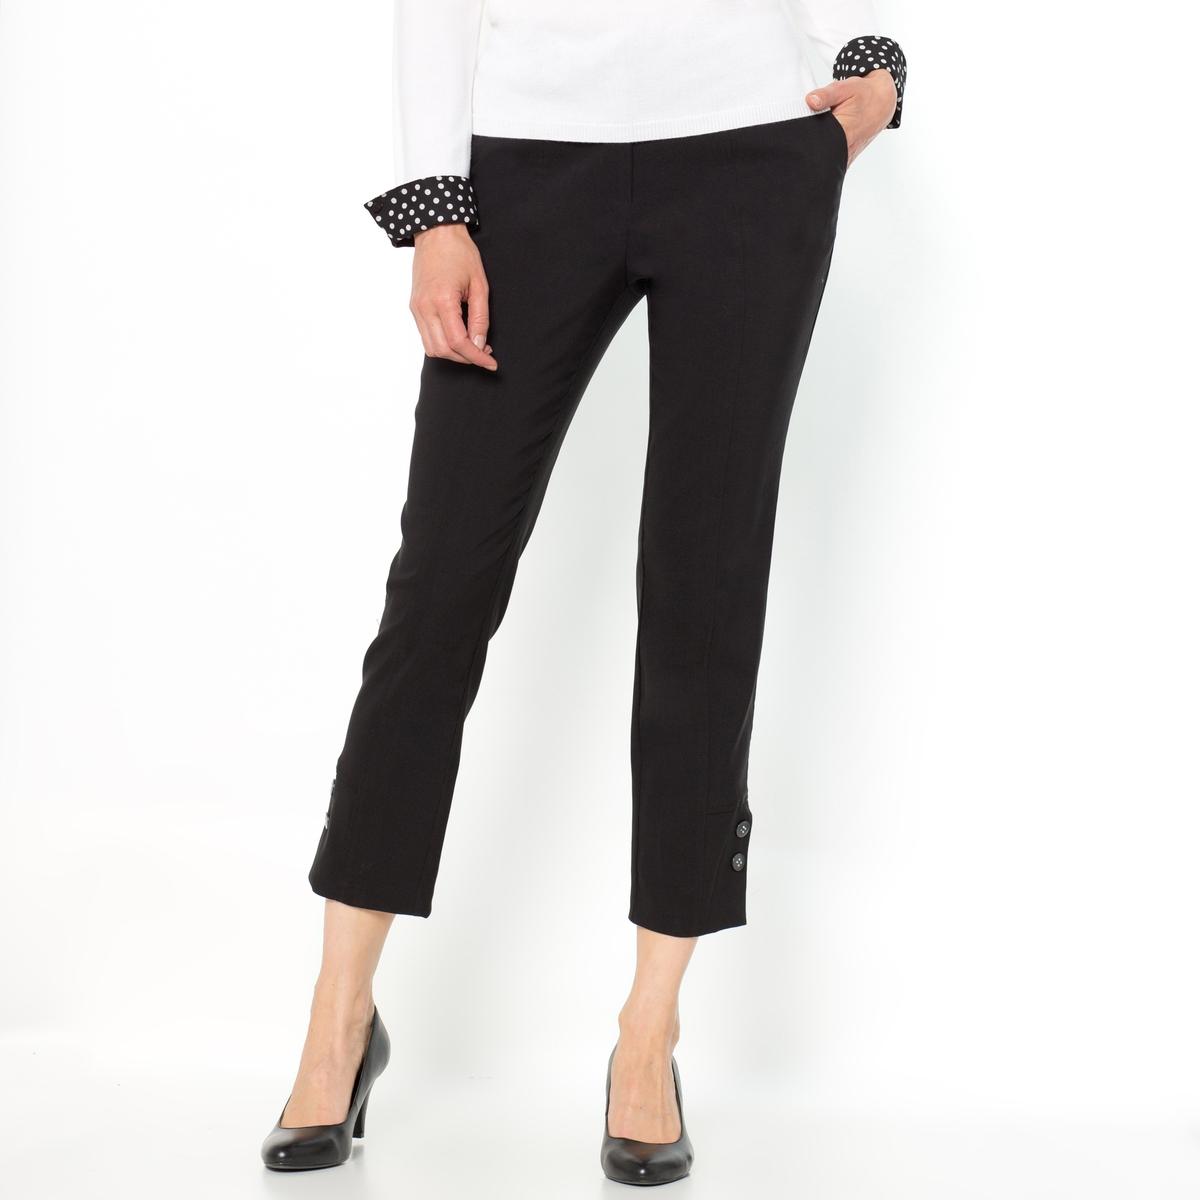 Капри из комфортной ткани стретчКапри. Красивая форма ноги благодаря удлиняющим отрезным деталям спереди и сзади. Карманы с отрезными бочками. Декоративный разрез и шлица по низу брючин.Состав и описание :Материал : комфортная ткань стретч, 71% полиэстера, 25% вискозы, 4% эластана.Длина по внутр.шву 58 см, ширина по низу 17 см.Марка : Anne WeyburnУход :Машинная стирка при 30 °С в умеренном режиме.Гладить при низкой температуре.<br><br>Цвет: черный<br>Размер: 50 (FR) - 56 (RUS).46 (FR) - 52 (RUS).44 (FR) - 50 (RUS).42 (FR) - 48 (RUS)